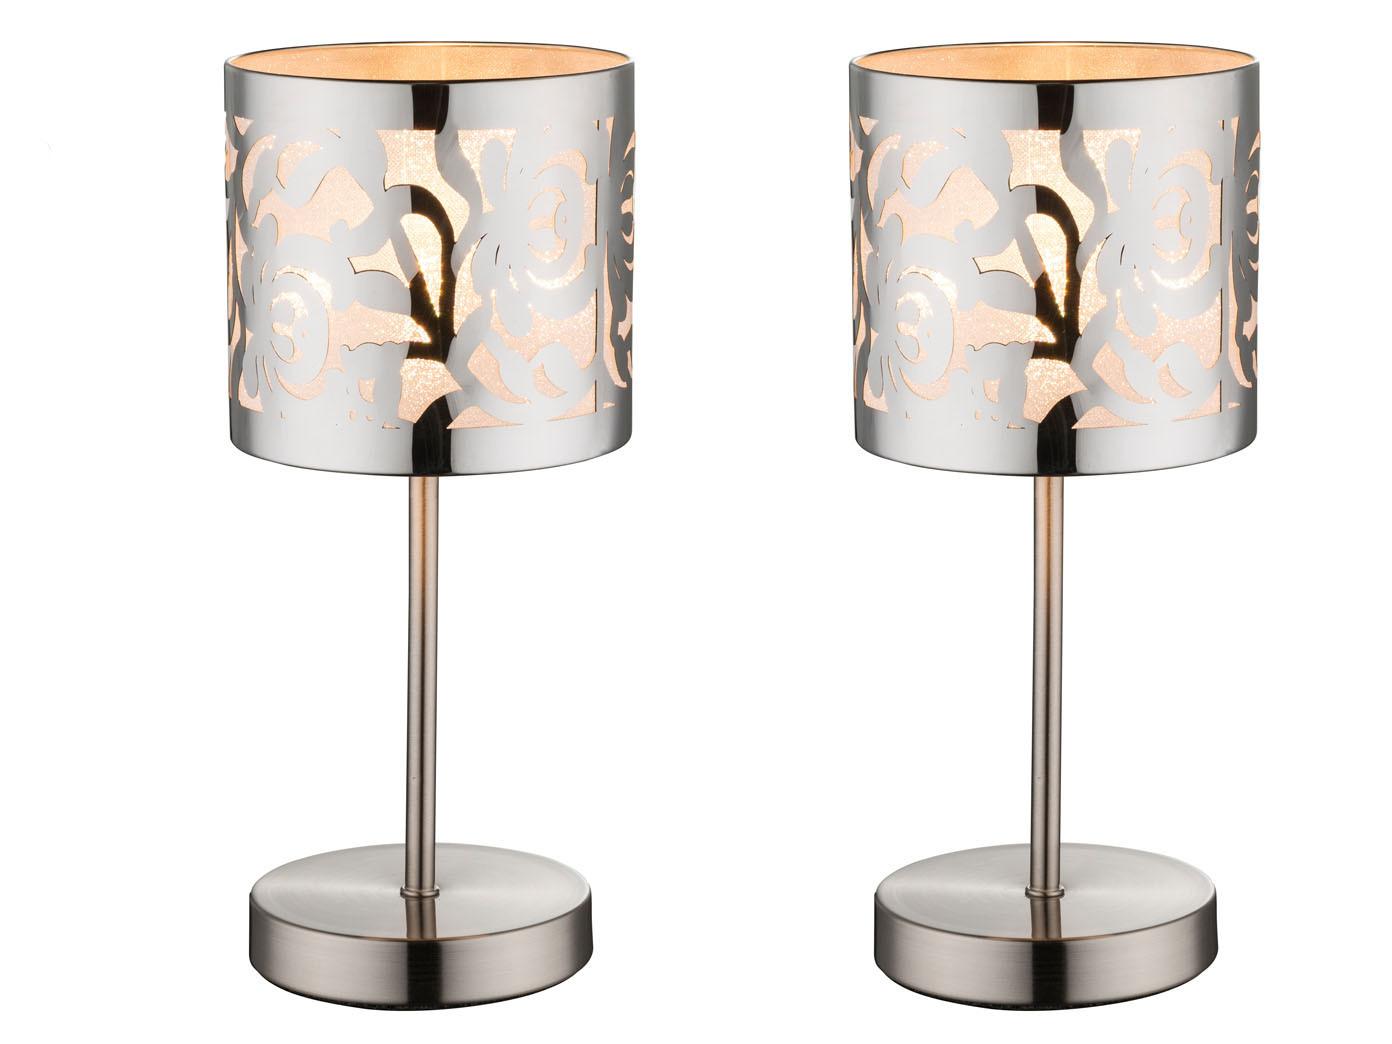 2er Set Tischleuchten Nachttischlampen Modern Schirm Edelstahl Dekor Stanzung